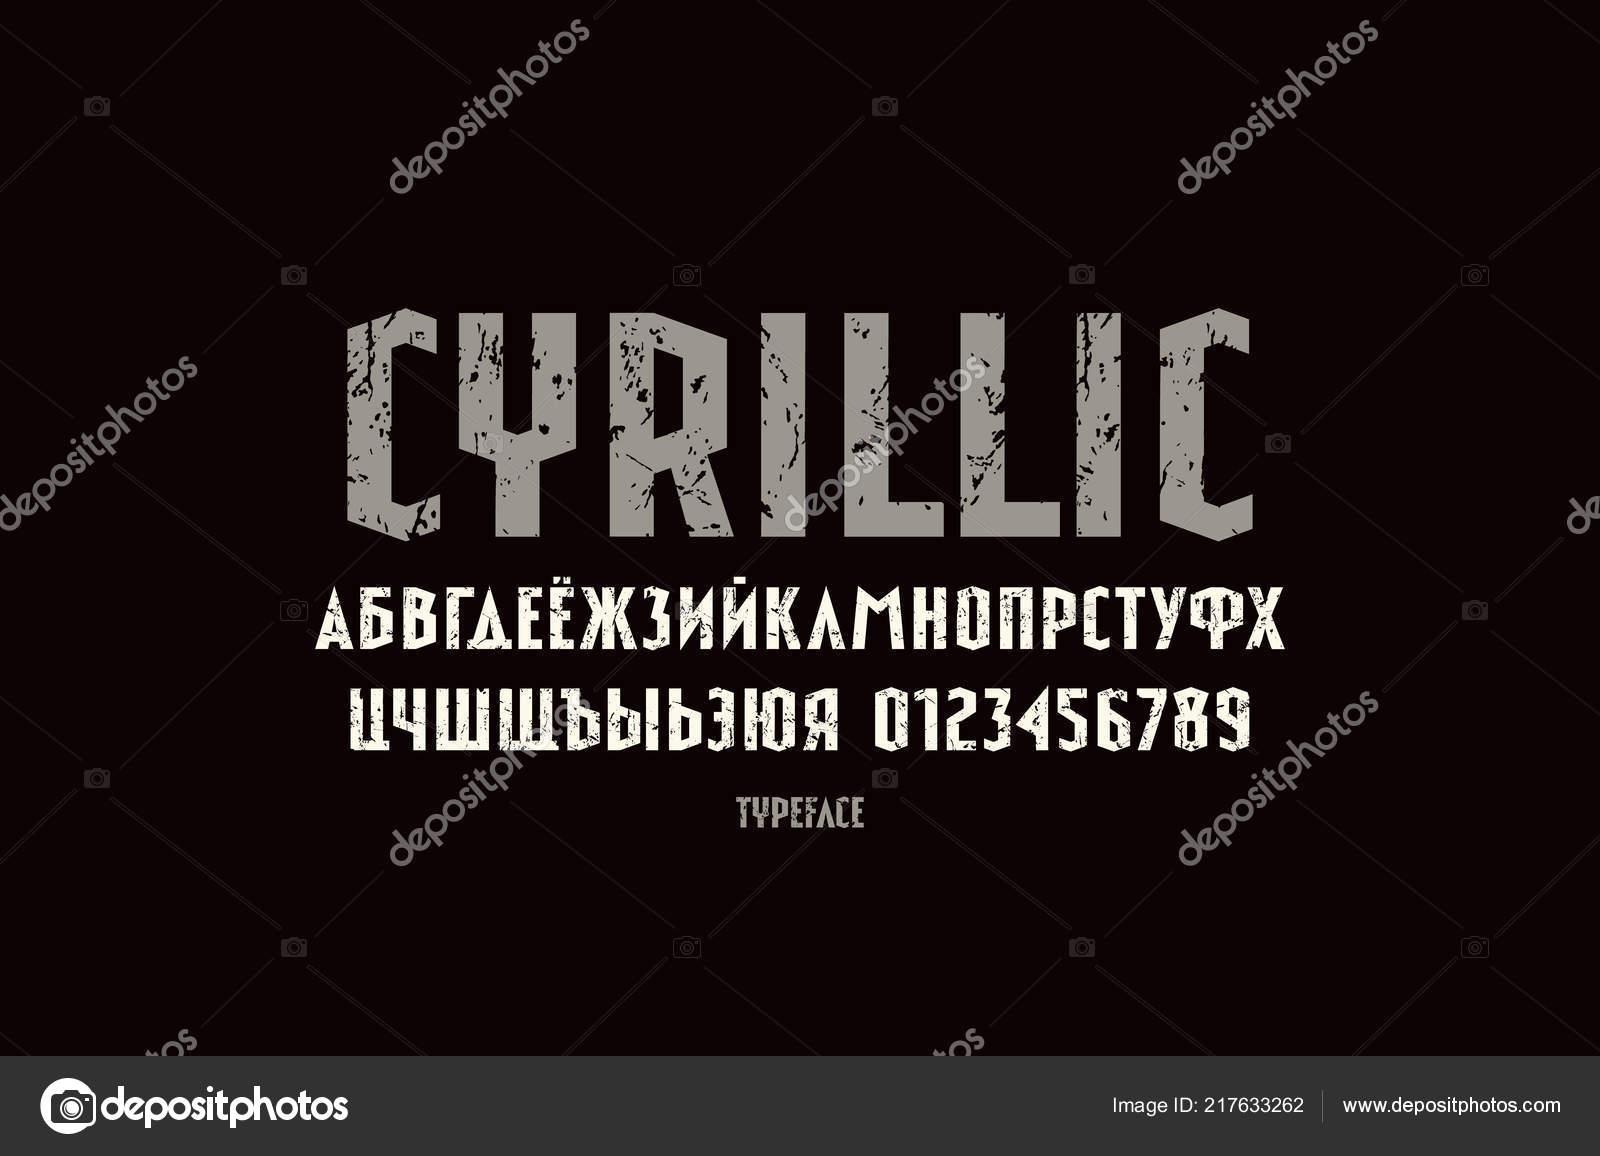 ff689001b Fonte Estreitas Sans Serif Estilo Esporte Letras Números Com Textura —  Vetores de Stock